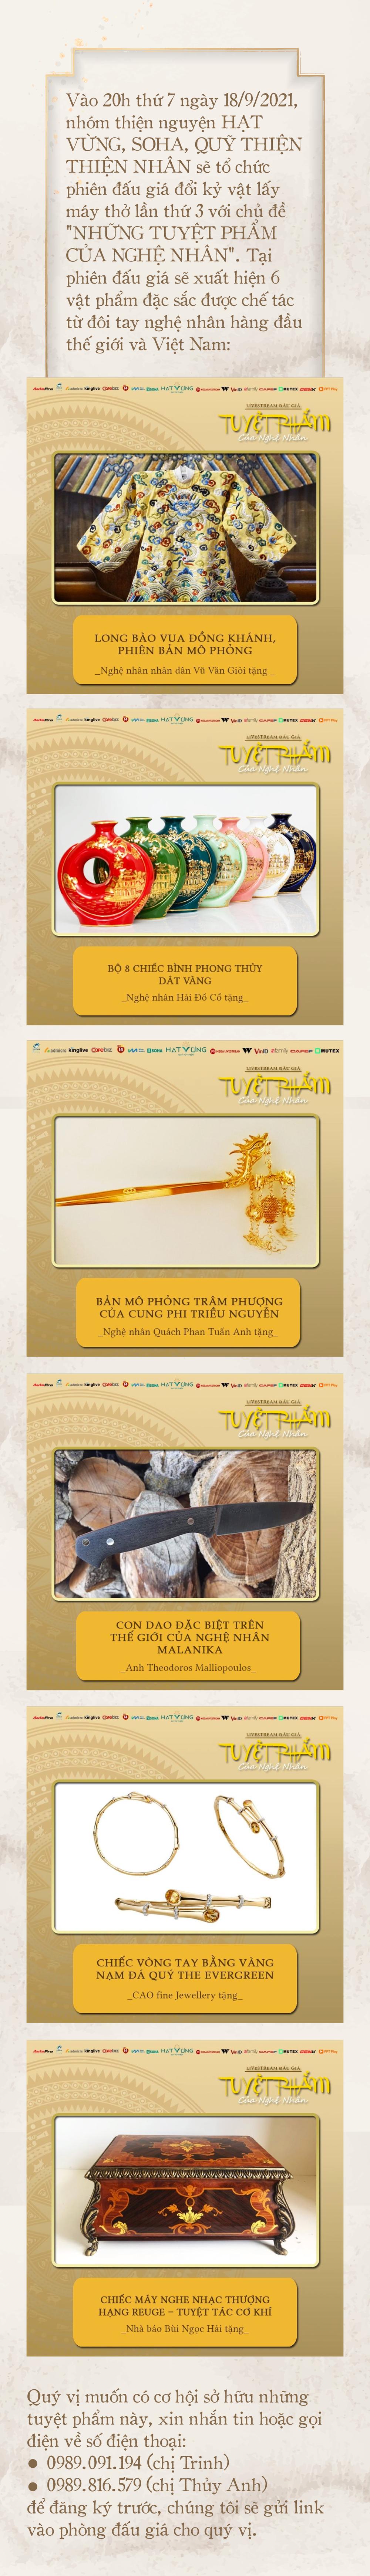 'Phù thủy' của những chiếc áo trăm triệu duy nhất Việt Nam: Áo vua mặc thế nào tôi thêu đúng như thế, chuẩn đến từng milimet - Ảnh 13.